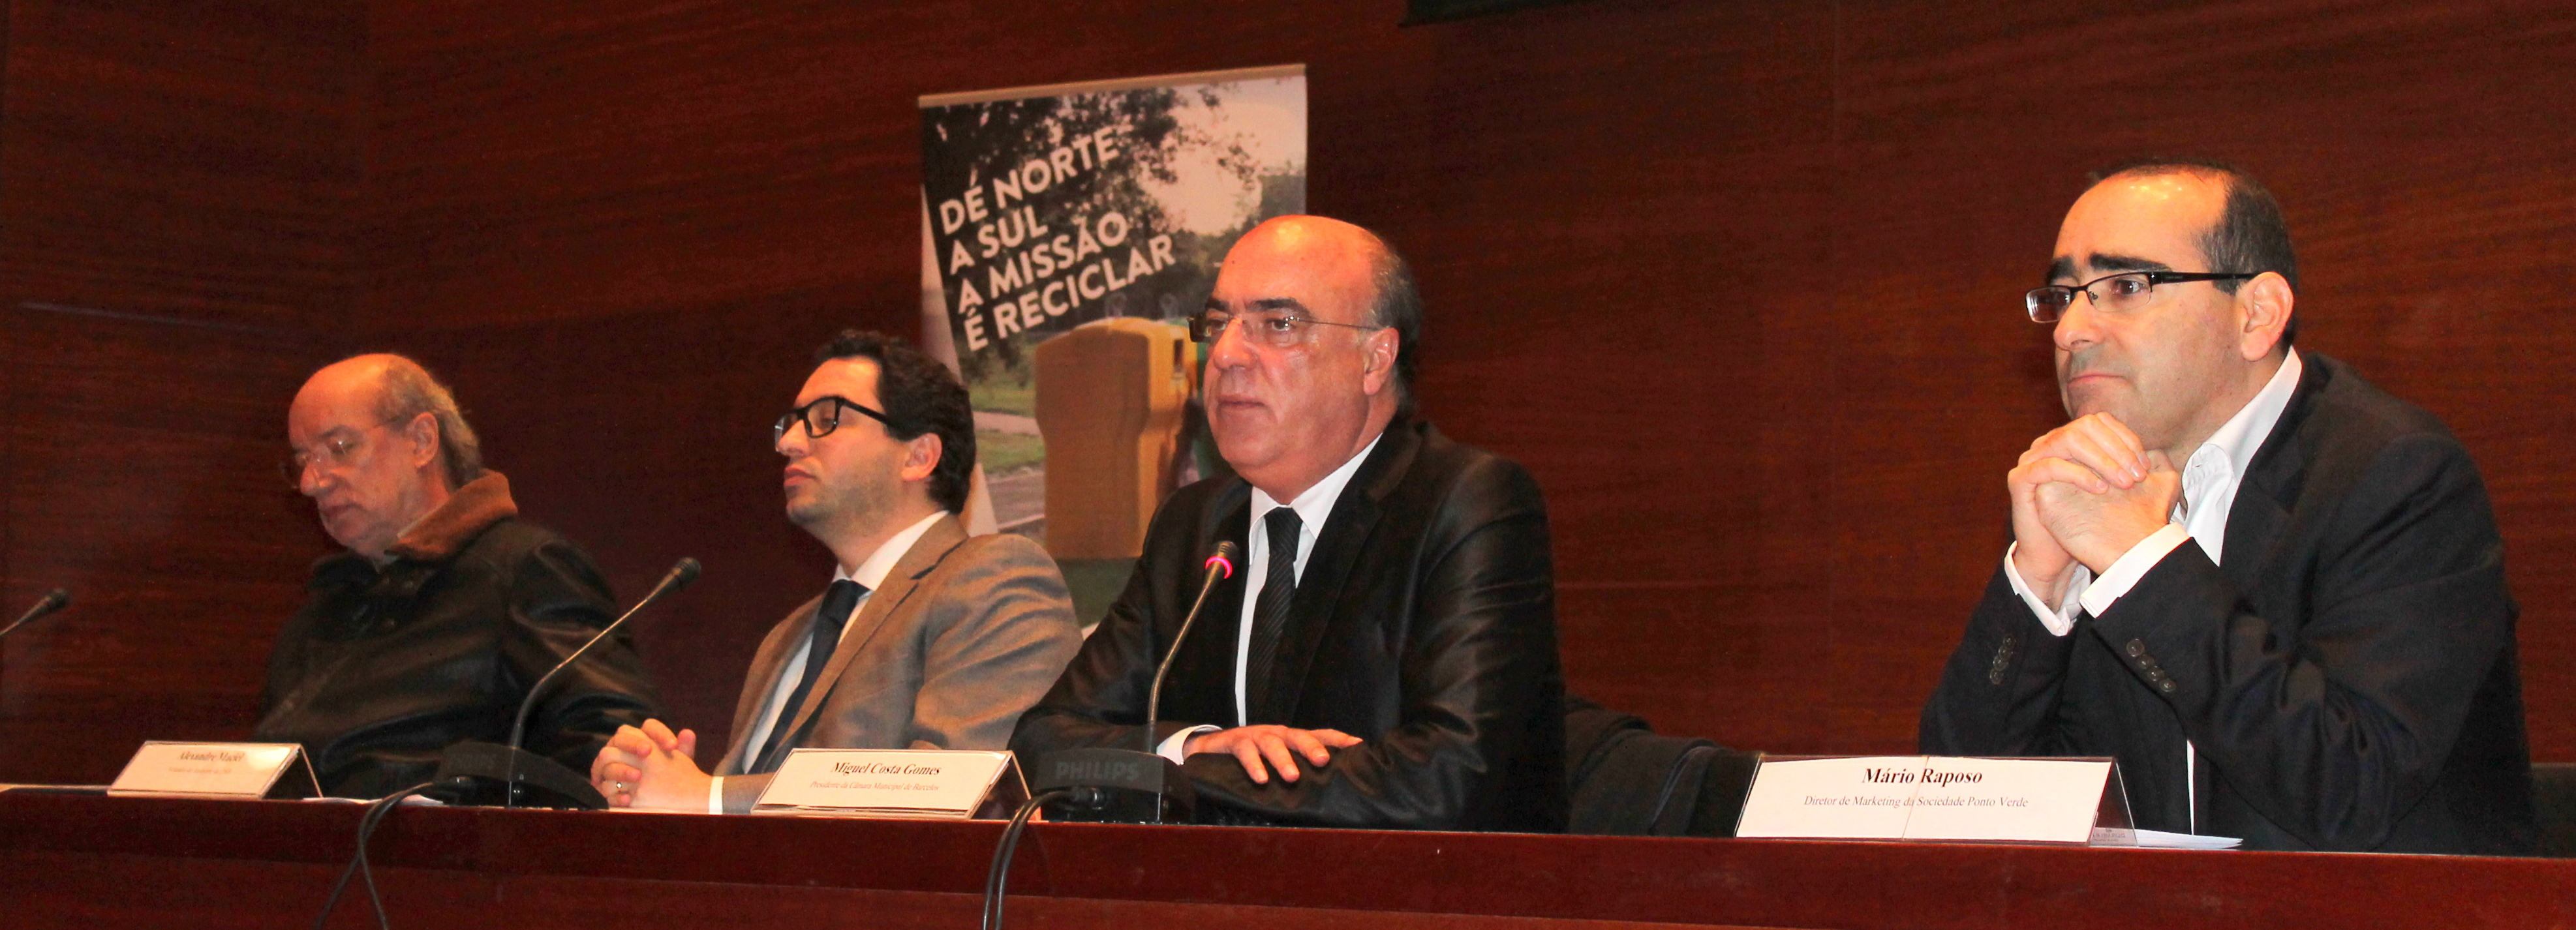 Missão Reciclar com bons resultados em Barcelos